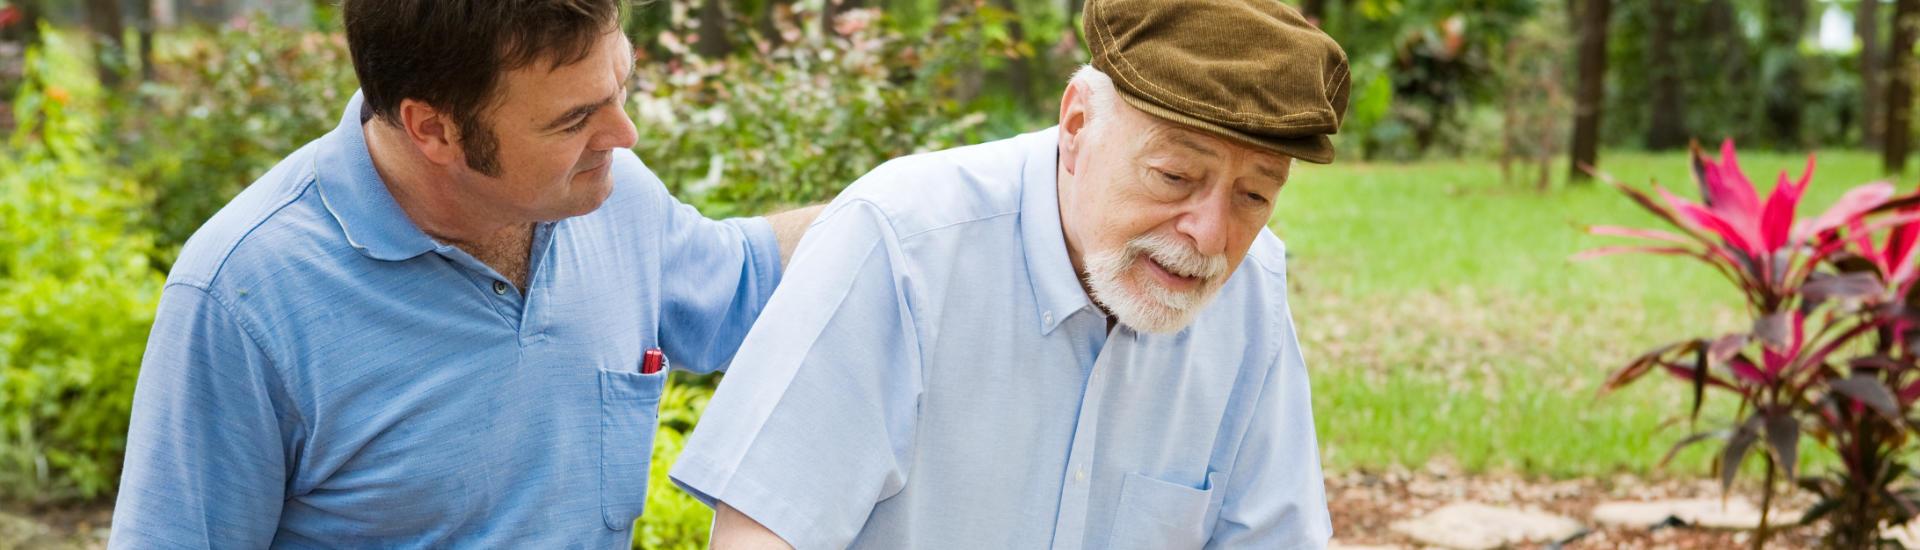 Wir helfen Ihnen eine 24-Stunden-Pflege zu organisieren - Vermittlung von Pflegekräften